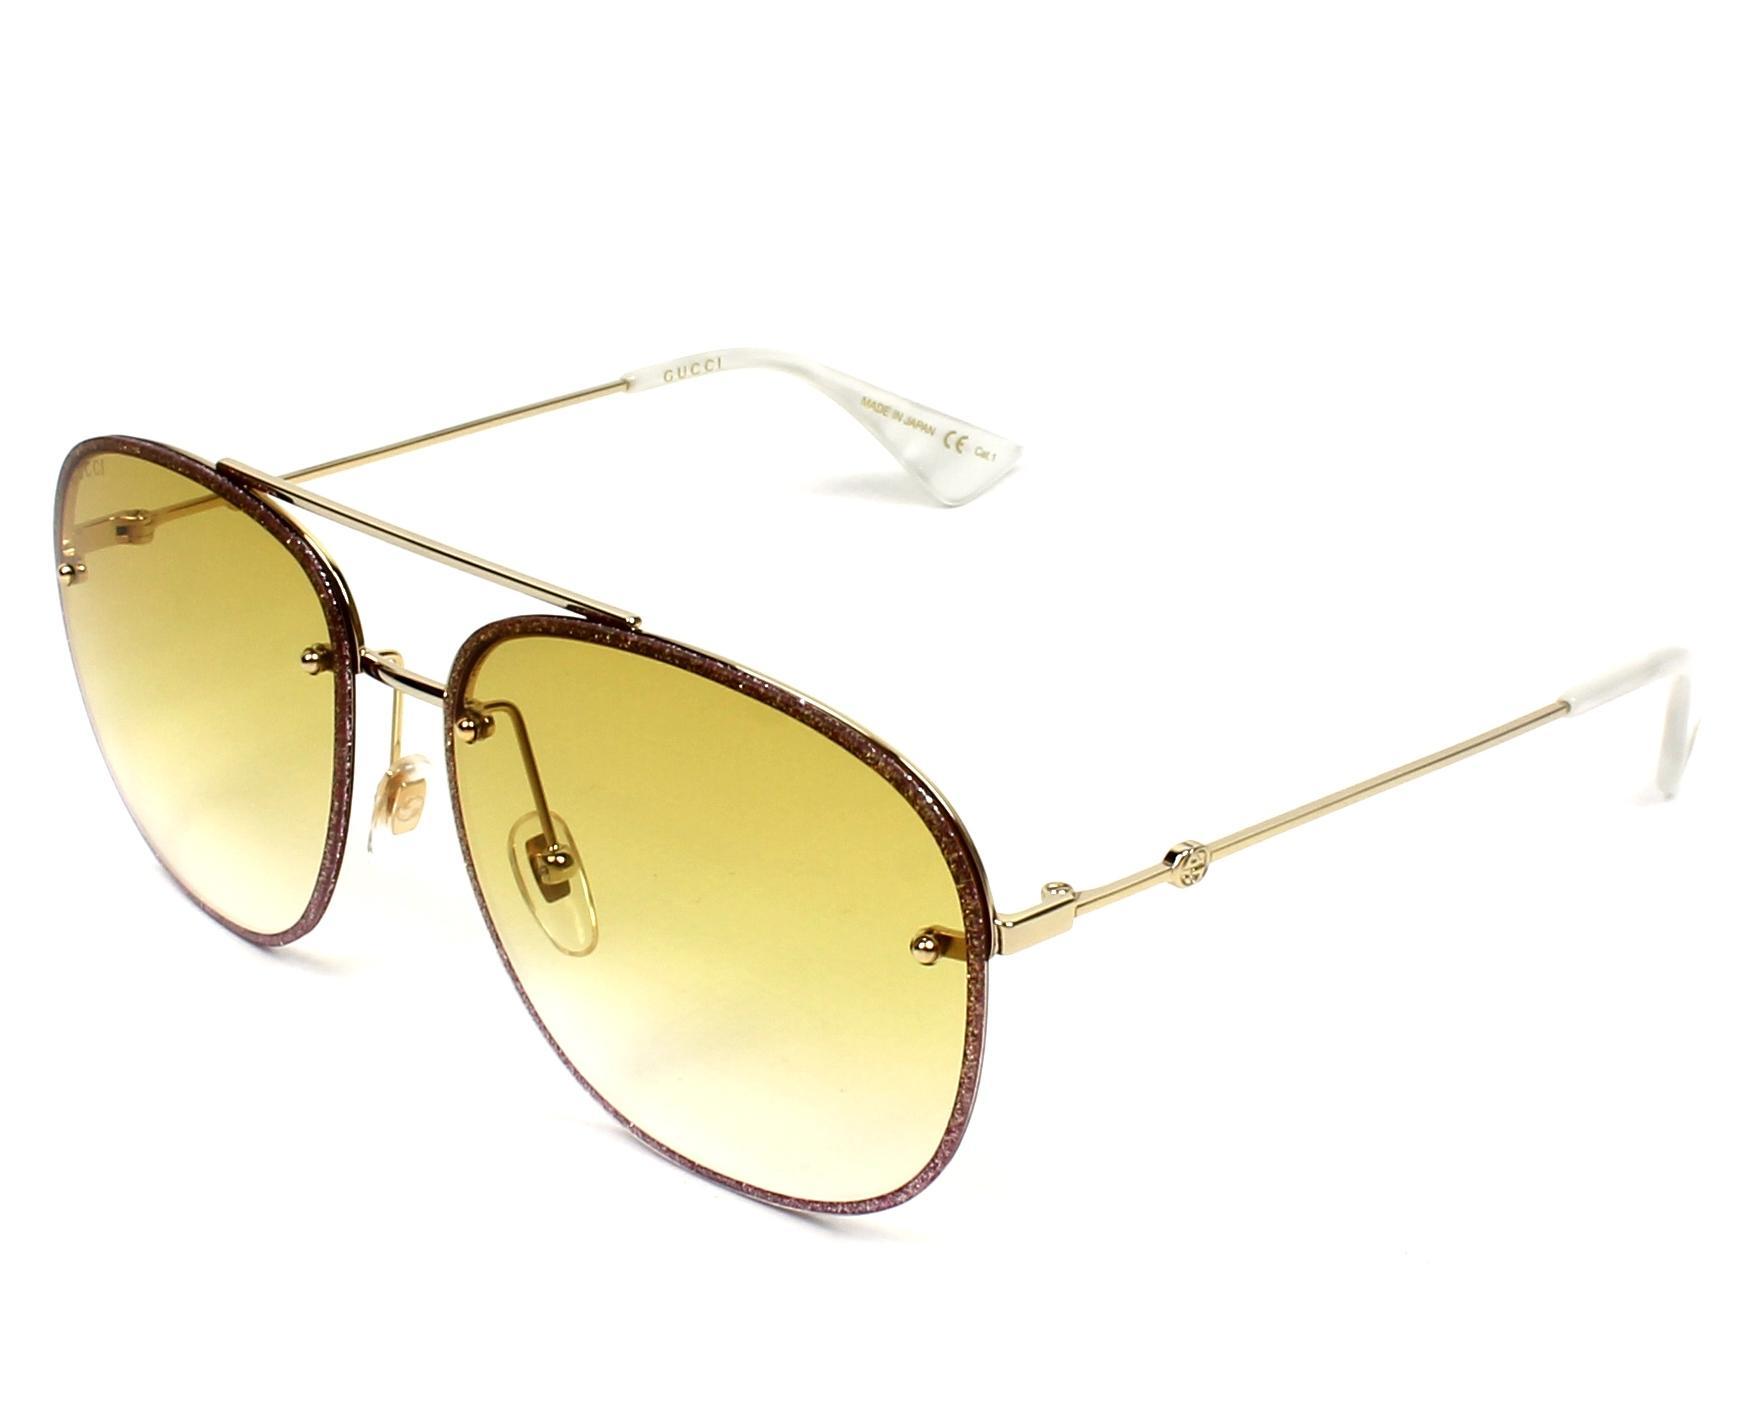 445a970d578 Sunglasses Gucci GG-0227-S 005 62-16 Rosa Gold profile view